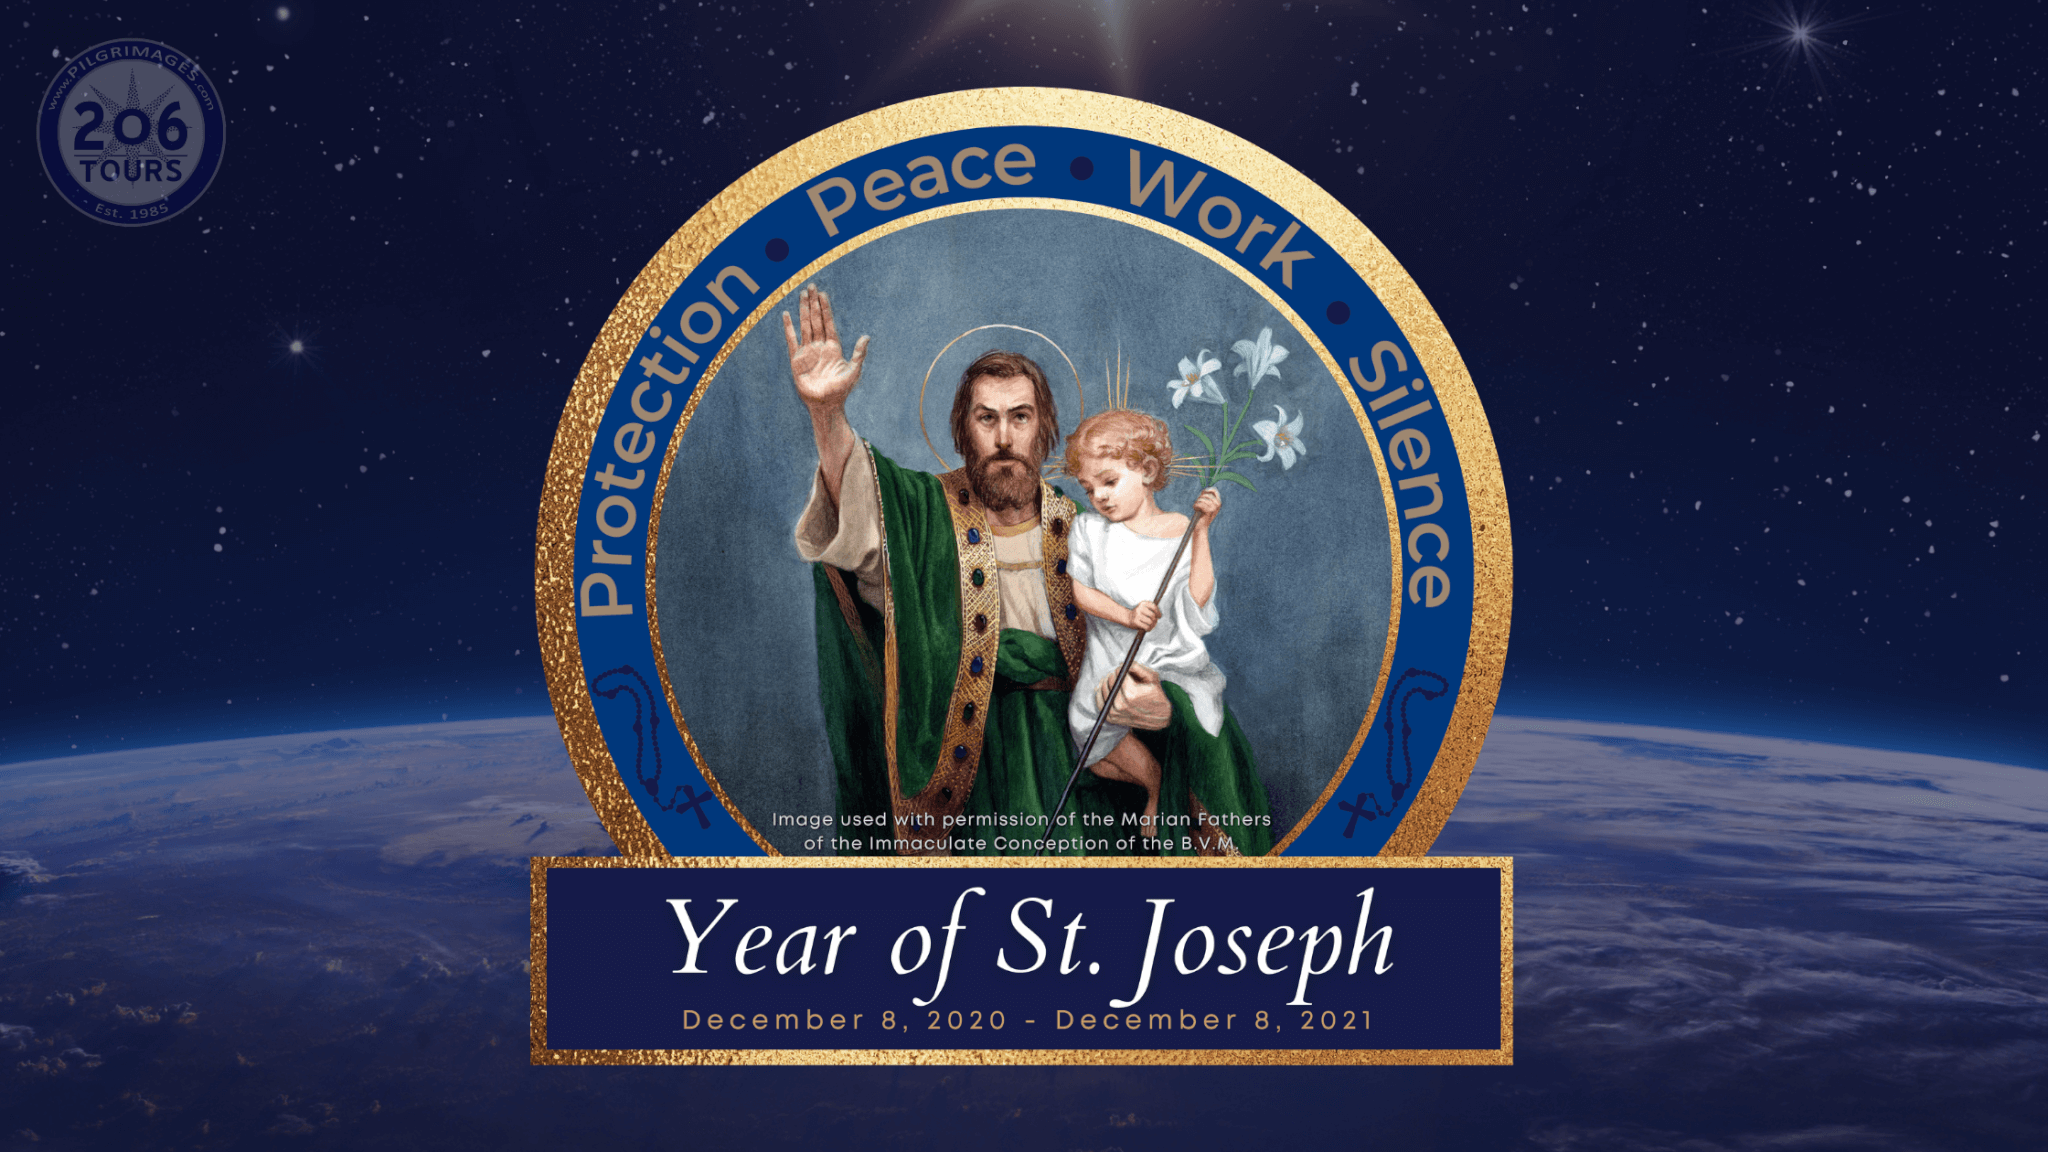 saint-joseph-206-tours